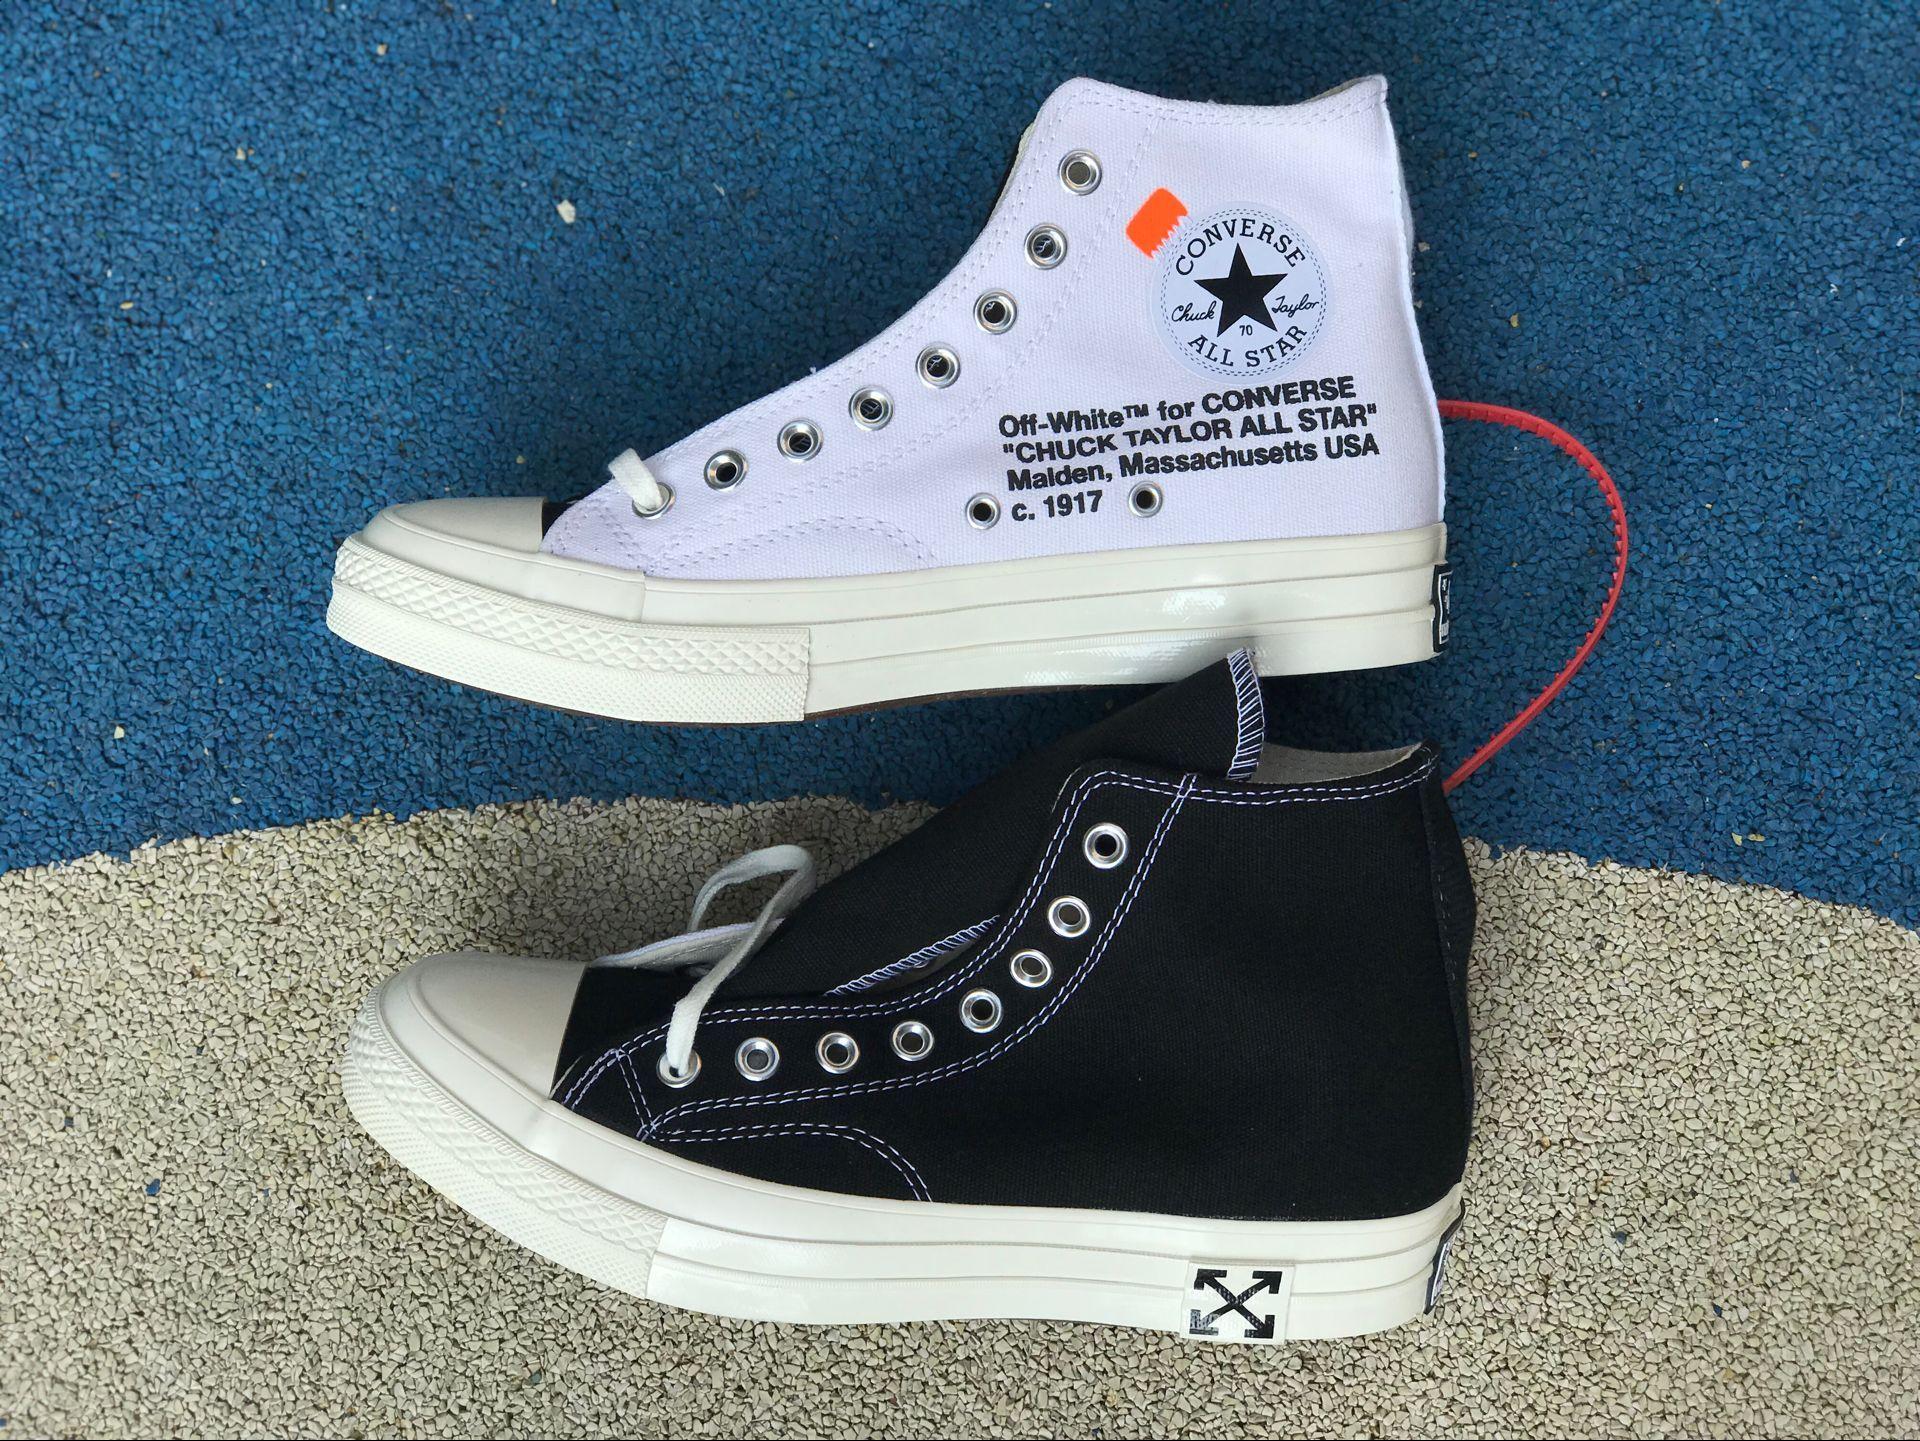 8ebc12d4267a Custom Off-White x Converse Chuck Taylor All Star 70 Canvas Black White